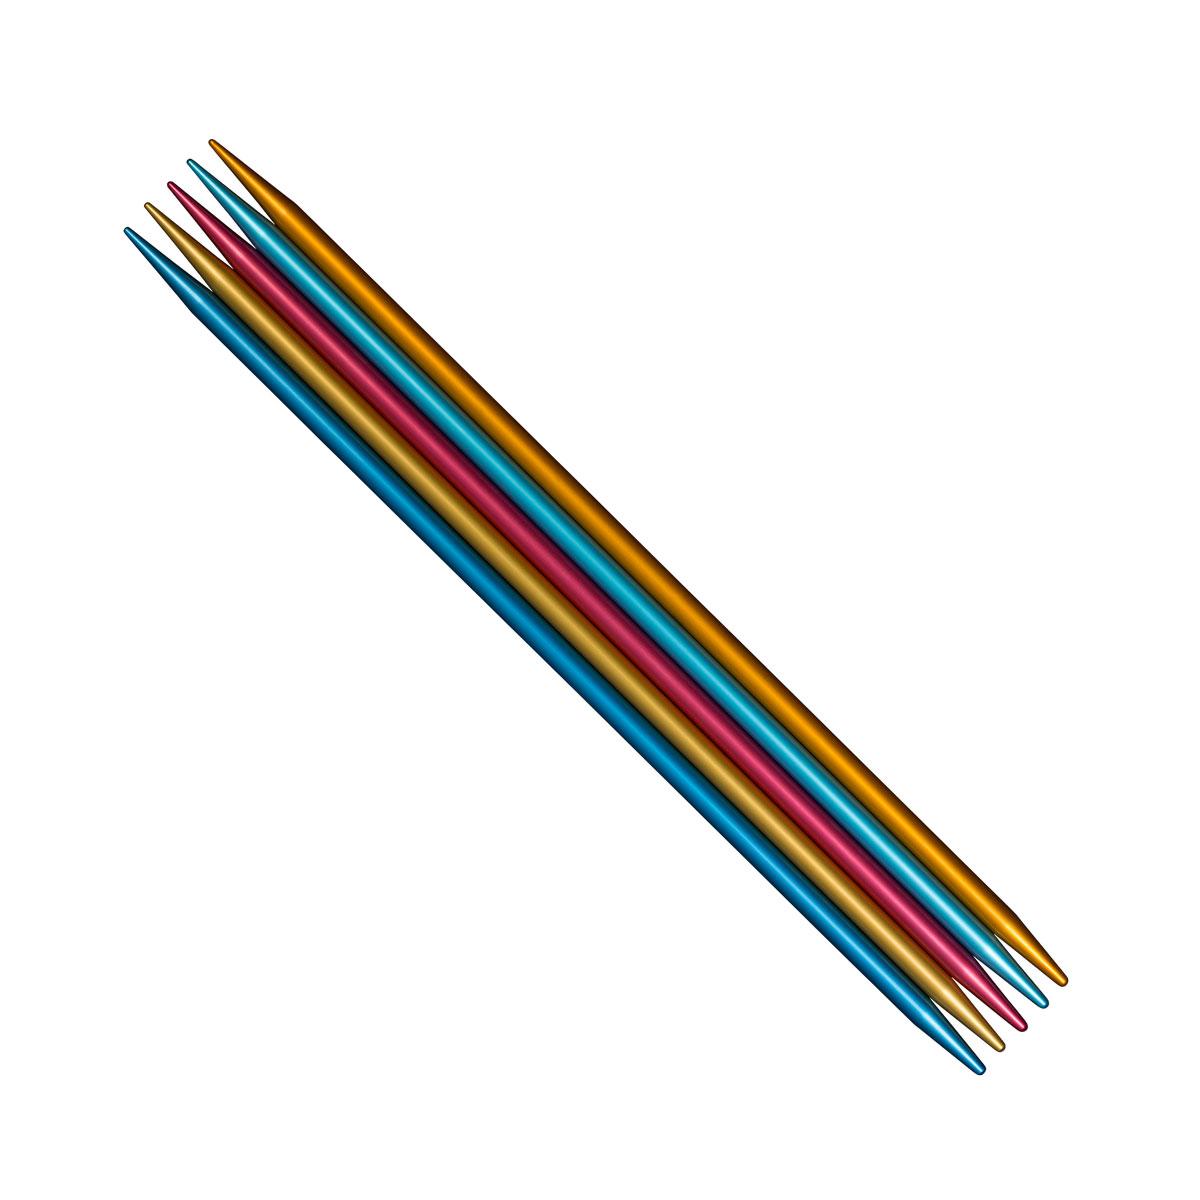 ADDI Спицы, чулочные, сверхлегкие Colibri, №2, 20 см, 5 шт204-7/2-20Спицы Colibris имеют отличительный цвет и структуру. За счет полого и легкого материала руки при вязании практически не устают, что особенно важно при вязании спицами толстых размеров. Внешняя поверхность спиц особенно гладкая, а ощущения от вязания самые комфортные, так как материал быстро принимает тепло рук. Полное отсутствие соединений, либо каких-то плохо обработанных кончиков, как на пластике. Каждая спица блестит за счет своей анодированной пестрой поверхности, что особенно нравится молодой аудитории. Яркий цвет часто является козырем, как и в пряже для ручного вязания. Защищенная патентом технология чулочной спицы имеет неоспоримое преимущество. Потребитель приобретает продукт, у которого две различные функции, так как это две спицы с коротким и длинным кончиком одновременно. Комплекты толщиной от 5,5 мм имеют 23 см длинны вместо 20 см, что является неоспоримым преимуществом при работе с более толстой пряжей, которая обычно занимает много места на спице.